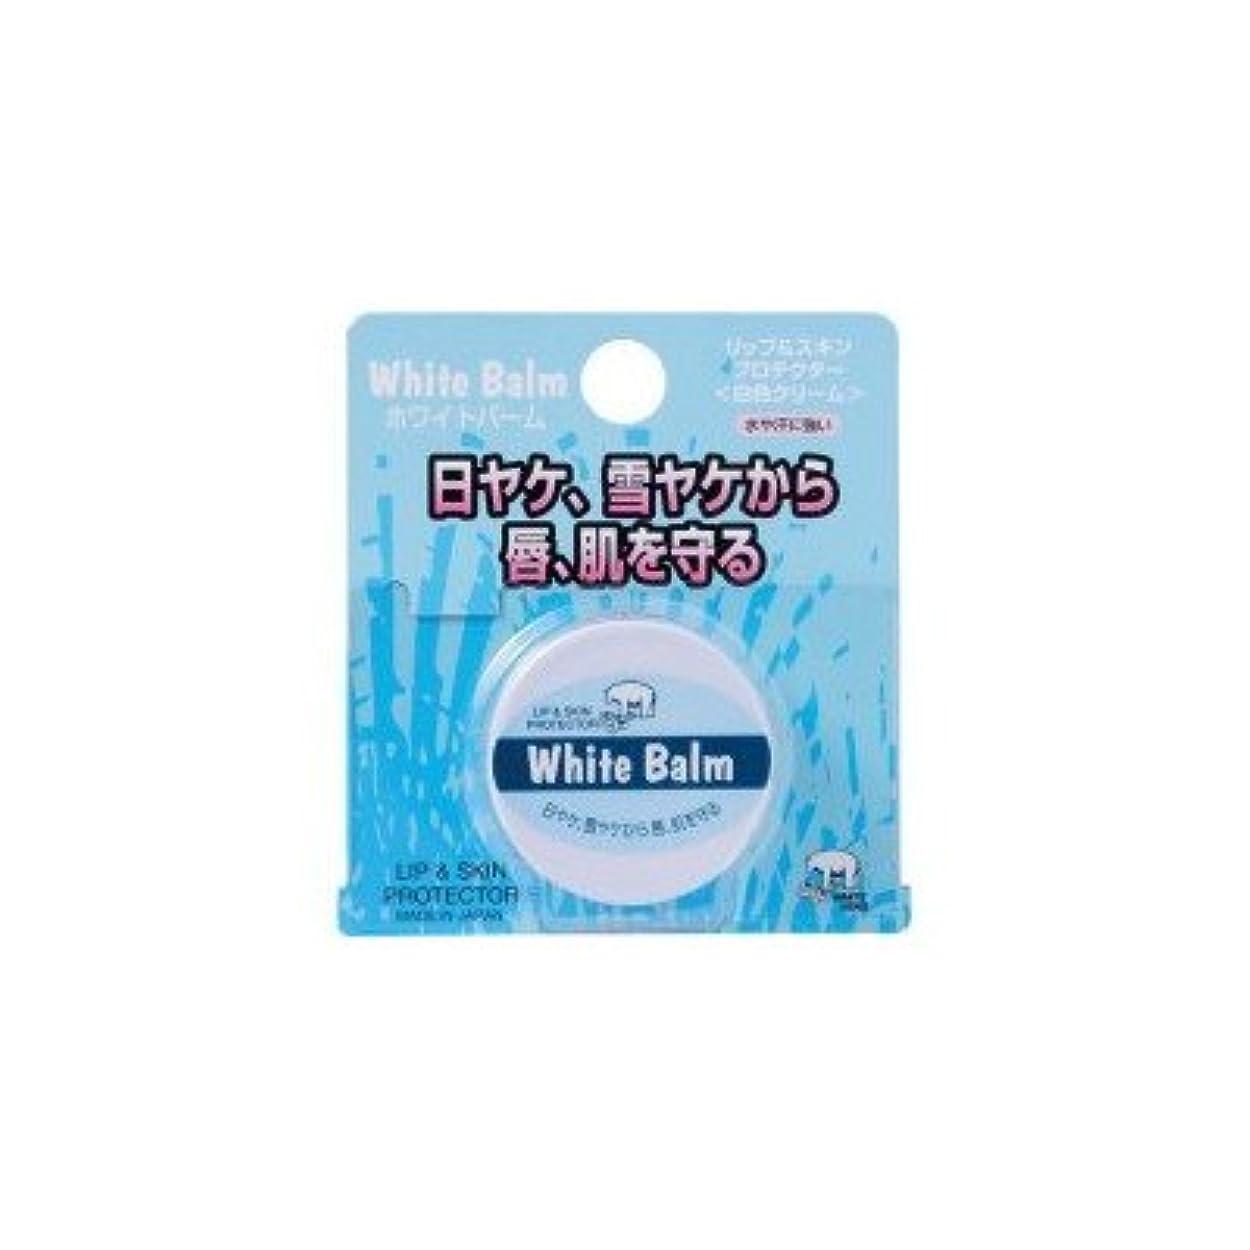 悪行祝福蜜日ヤケ?雪ヤケから唇?肌を守る WHITE BEAR ホワイトベアー ホワイトバーム オールシーズン 9g×12個セット No.555